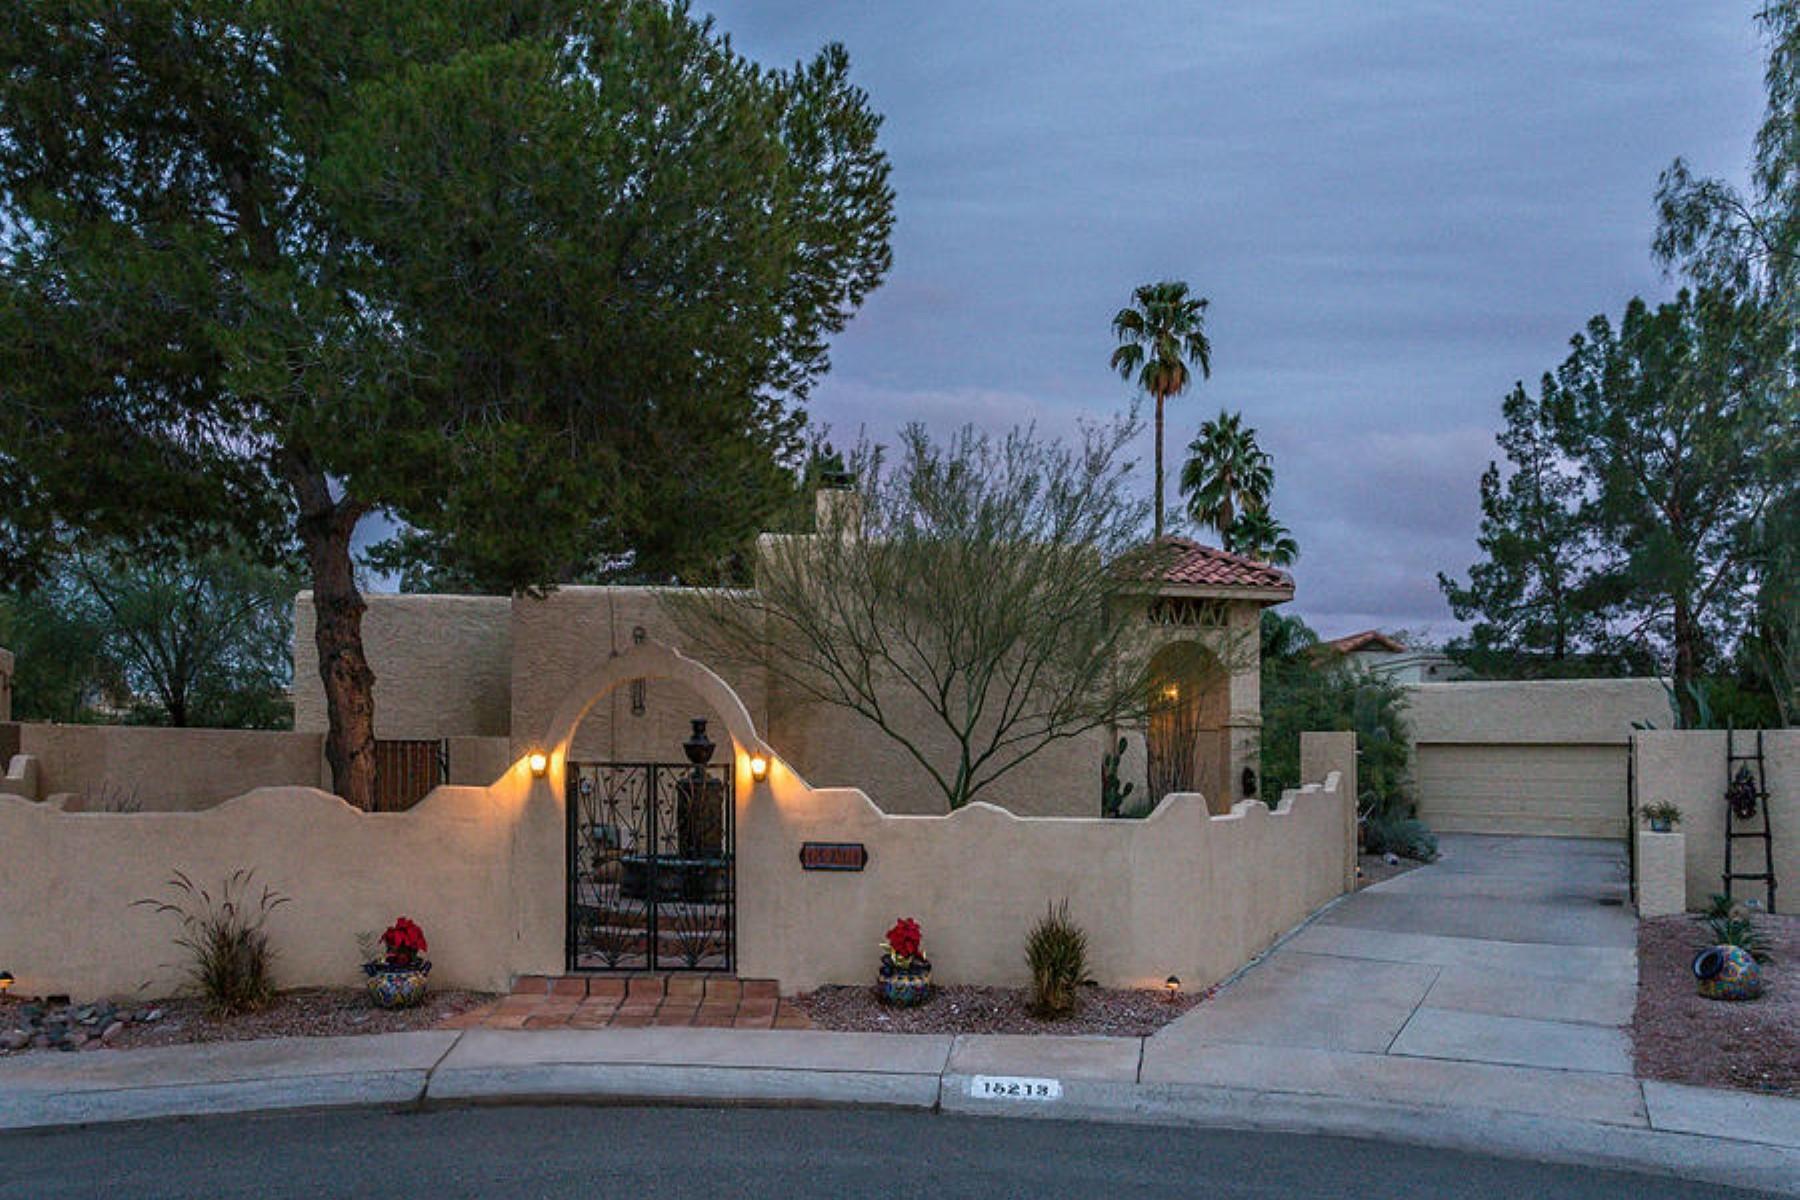 Einfamilienhaus für Verkauf beim Charming Santa Fe style courtyard home 15213 N 51 Pl Scottsdale, Arizona 85254 Vereinigte Staaten